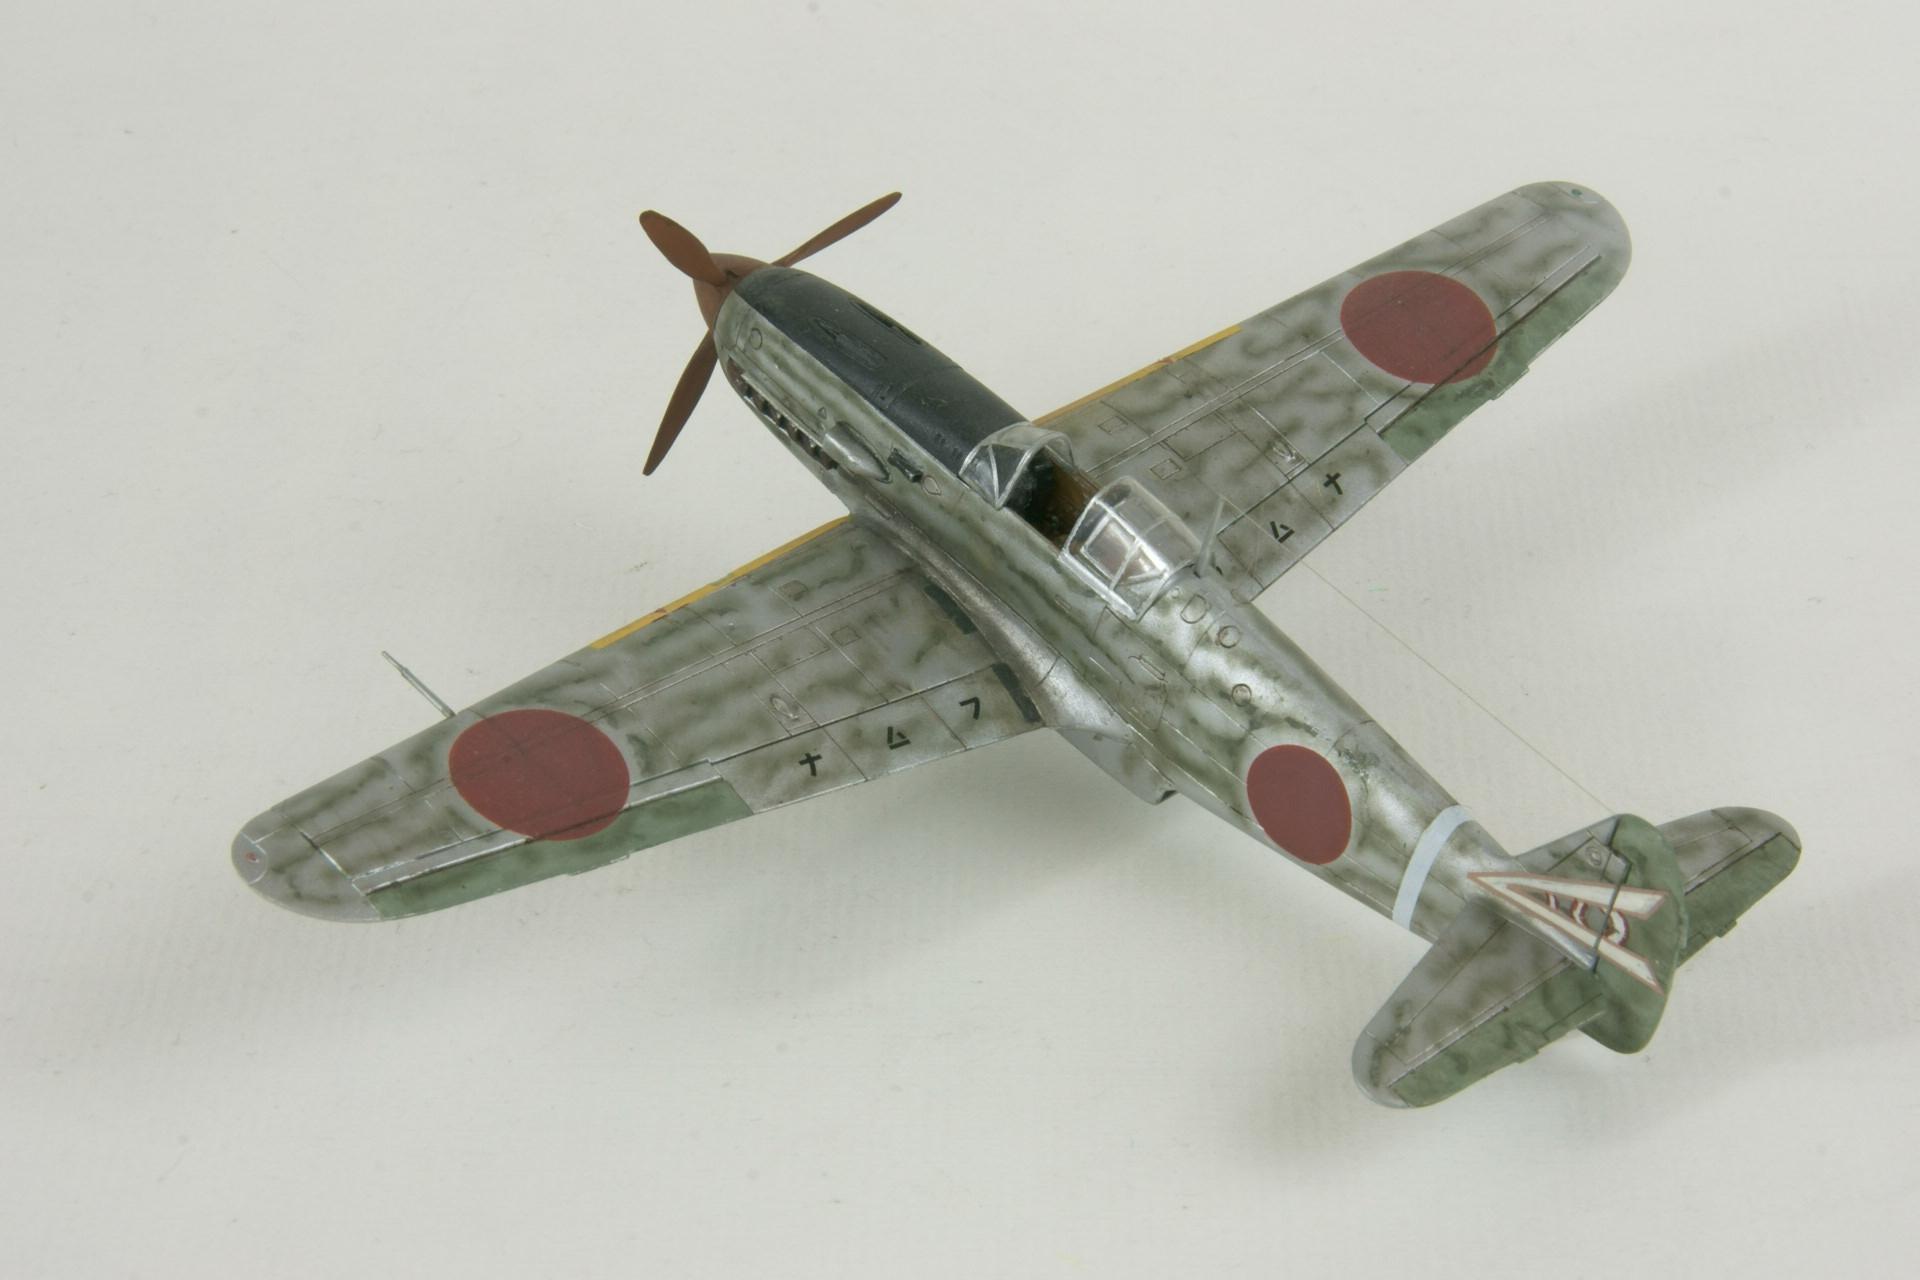 Kawasaki ki 61 ia tony 2 1